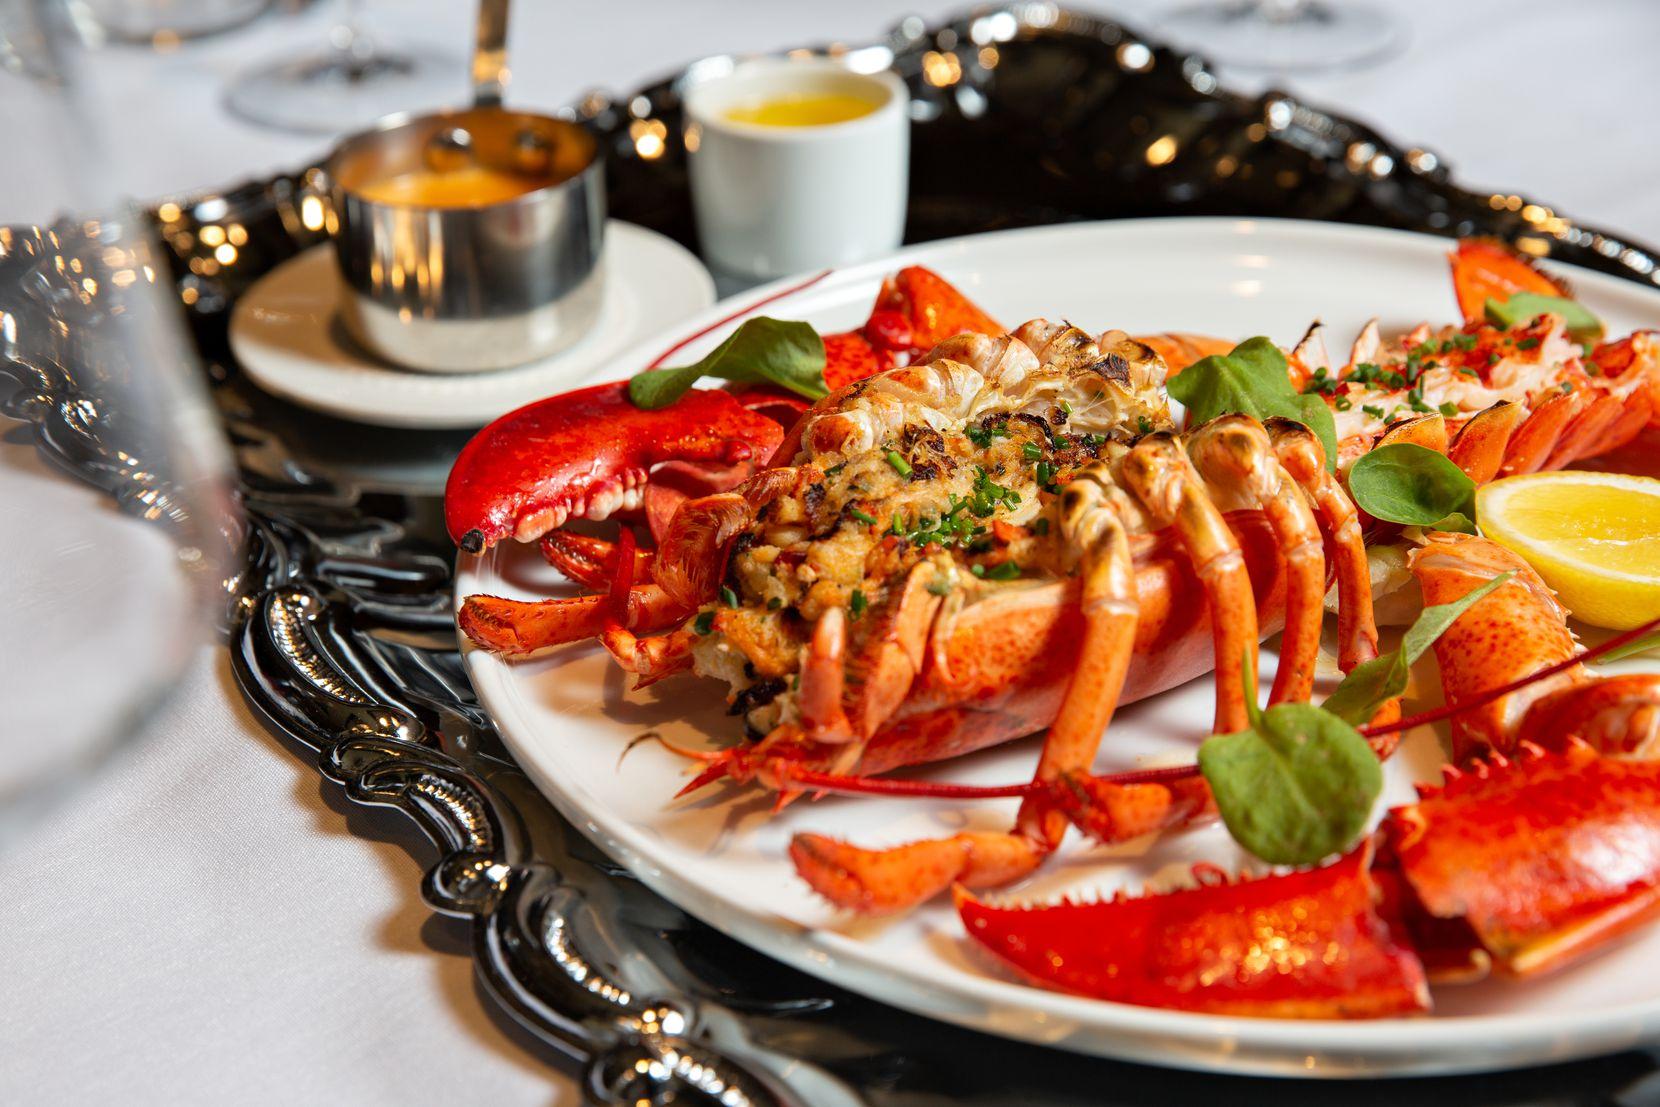 Beyond steaks, Dakota's serves seafood entrees like Maine lobster.